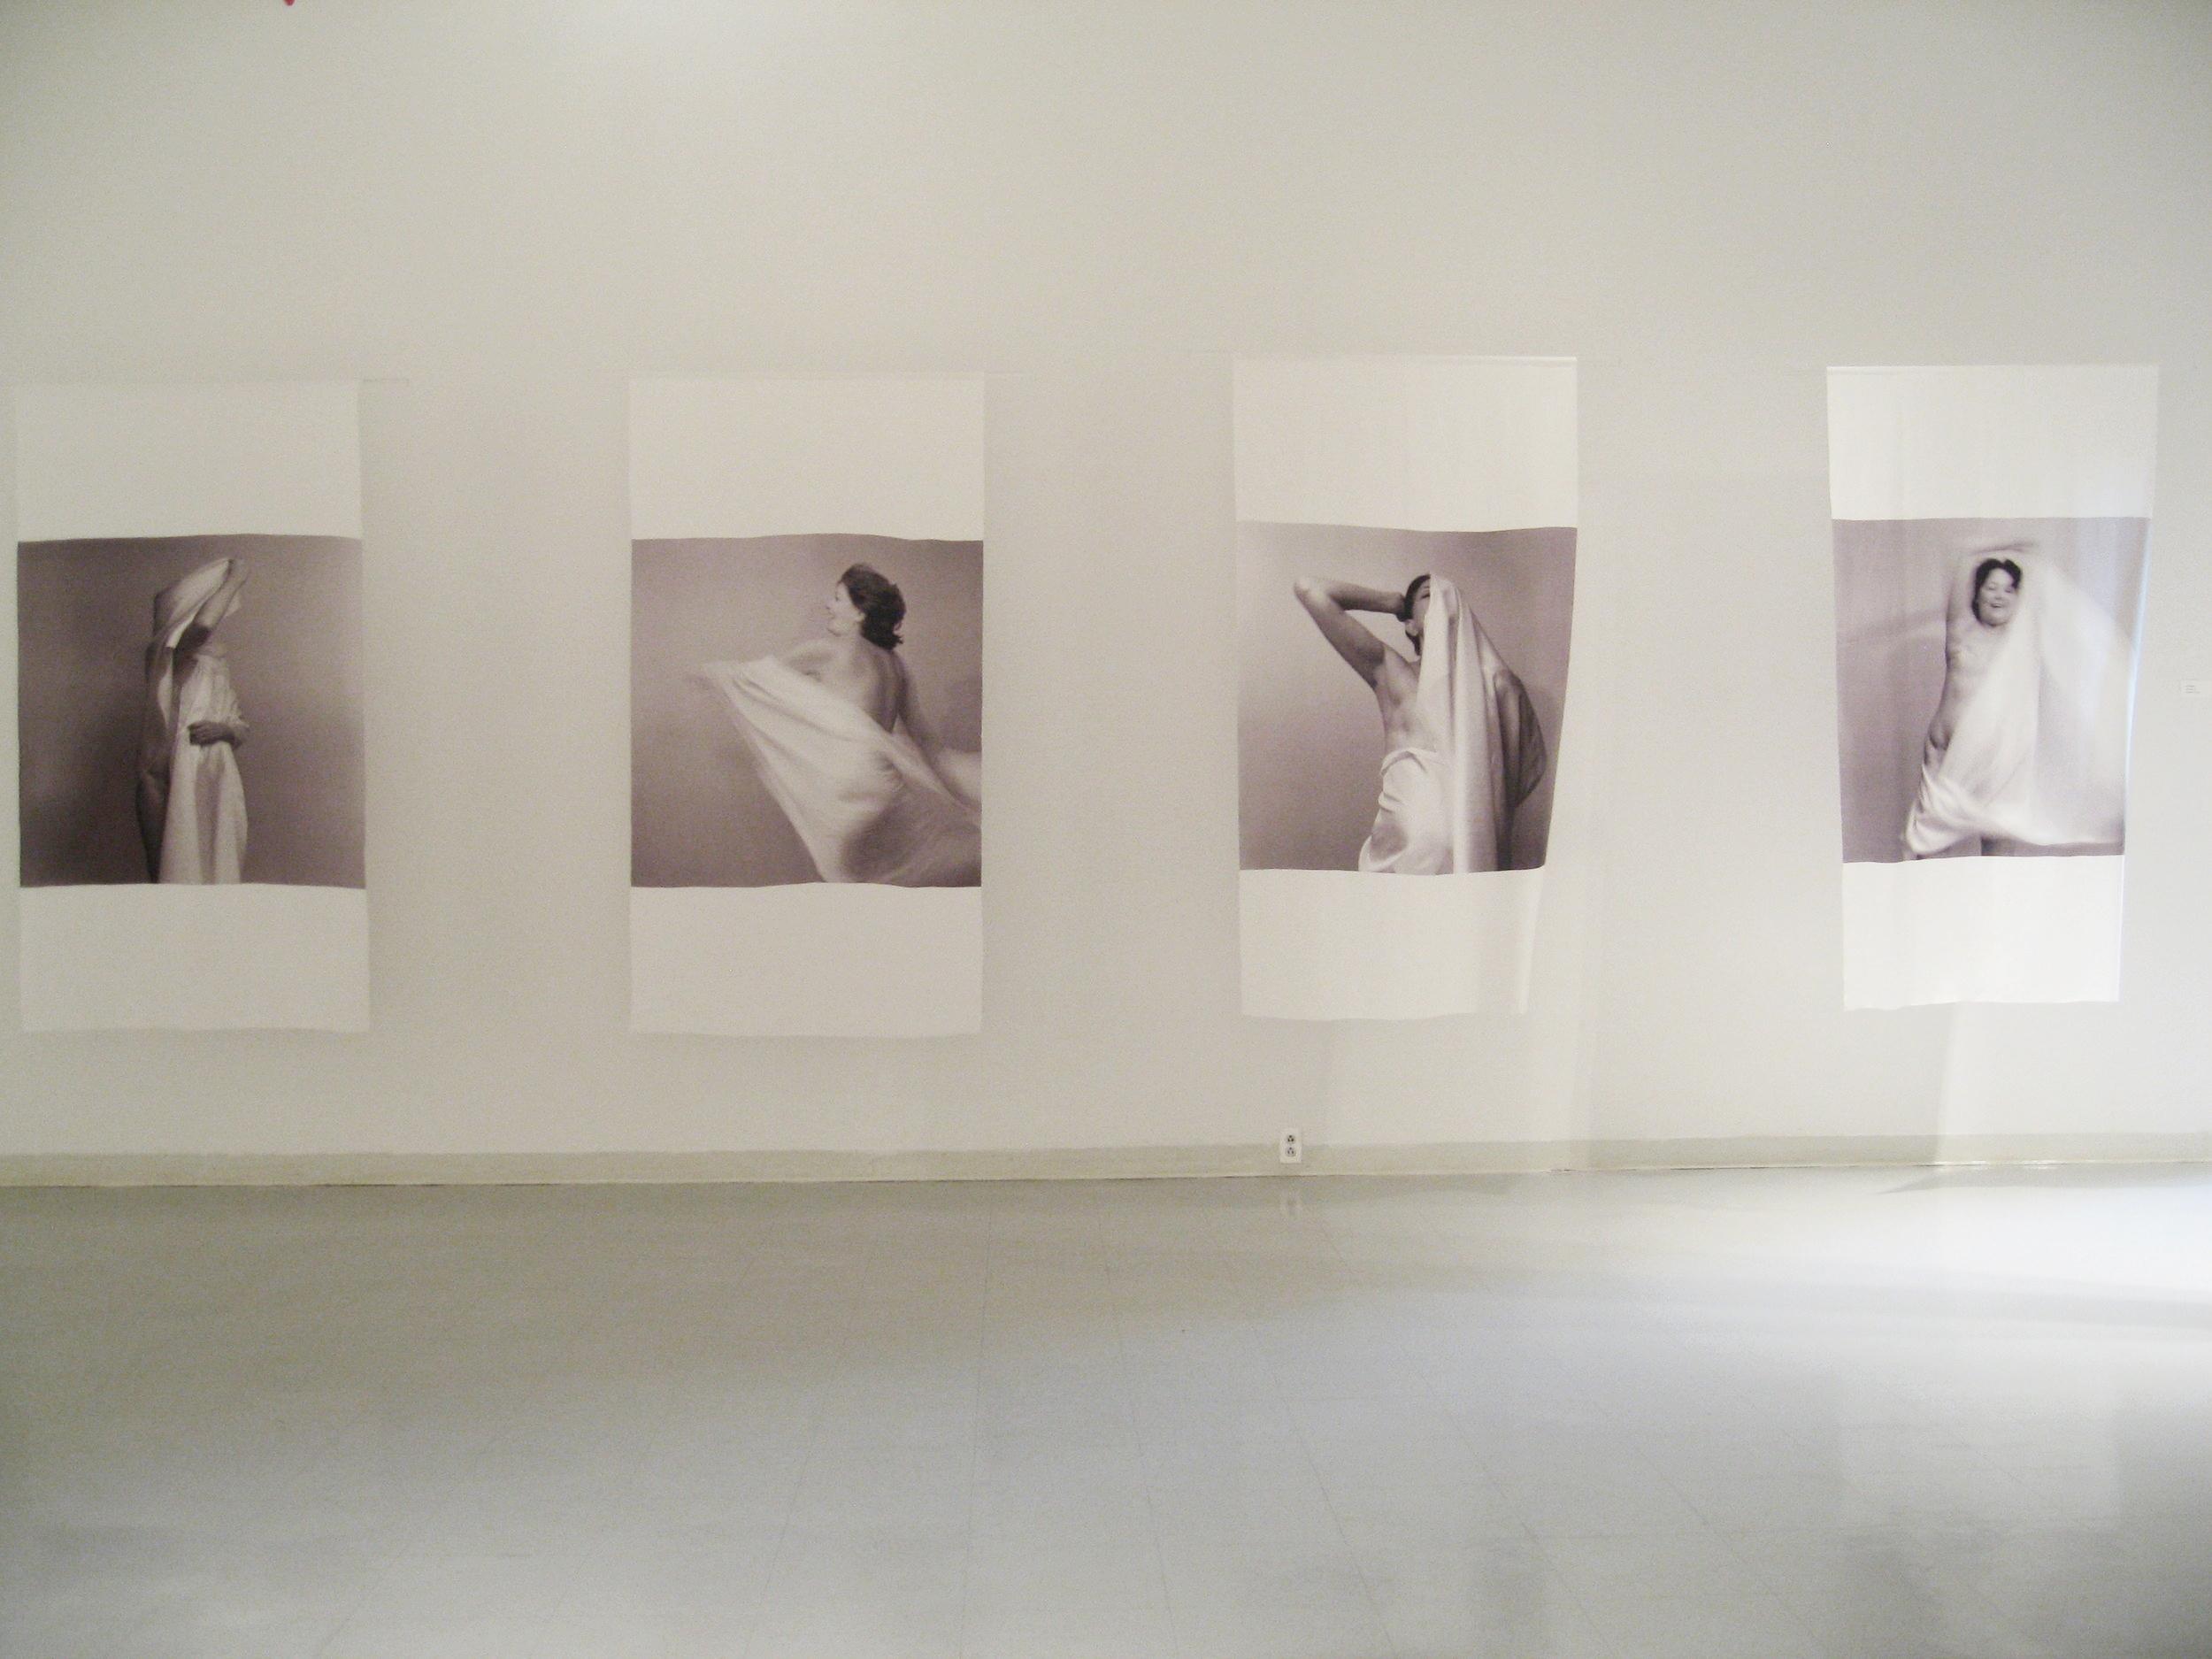 'Healing Body' at Rutgers University, 2008